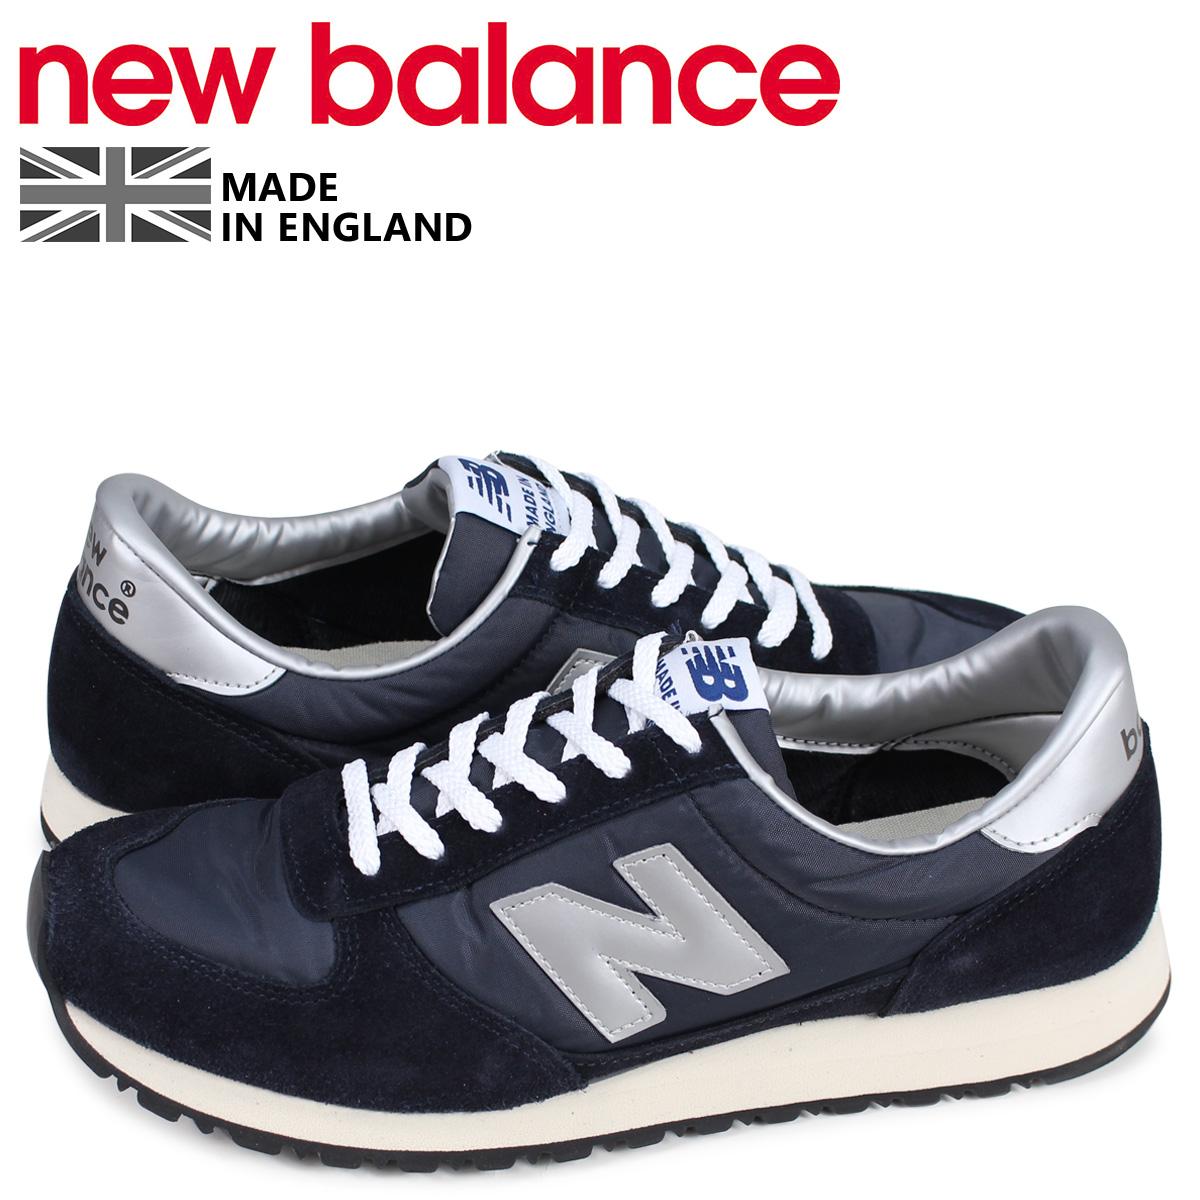 ニューバランス new balance スニーカー メンズ Dワイズ MADE IN UK ブラック 黒 MNC KSW